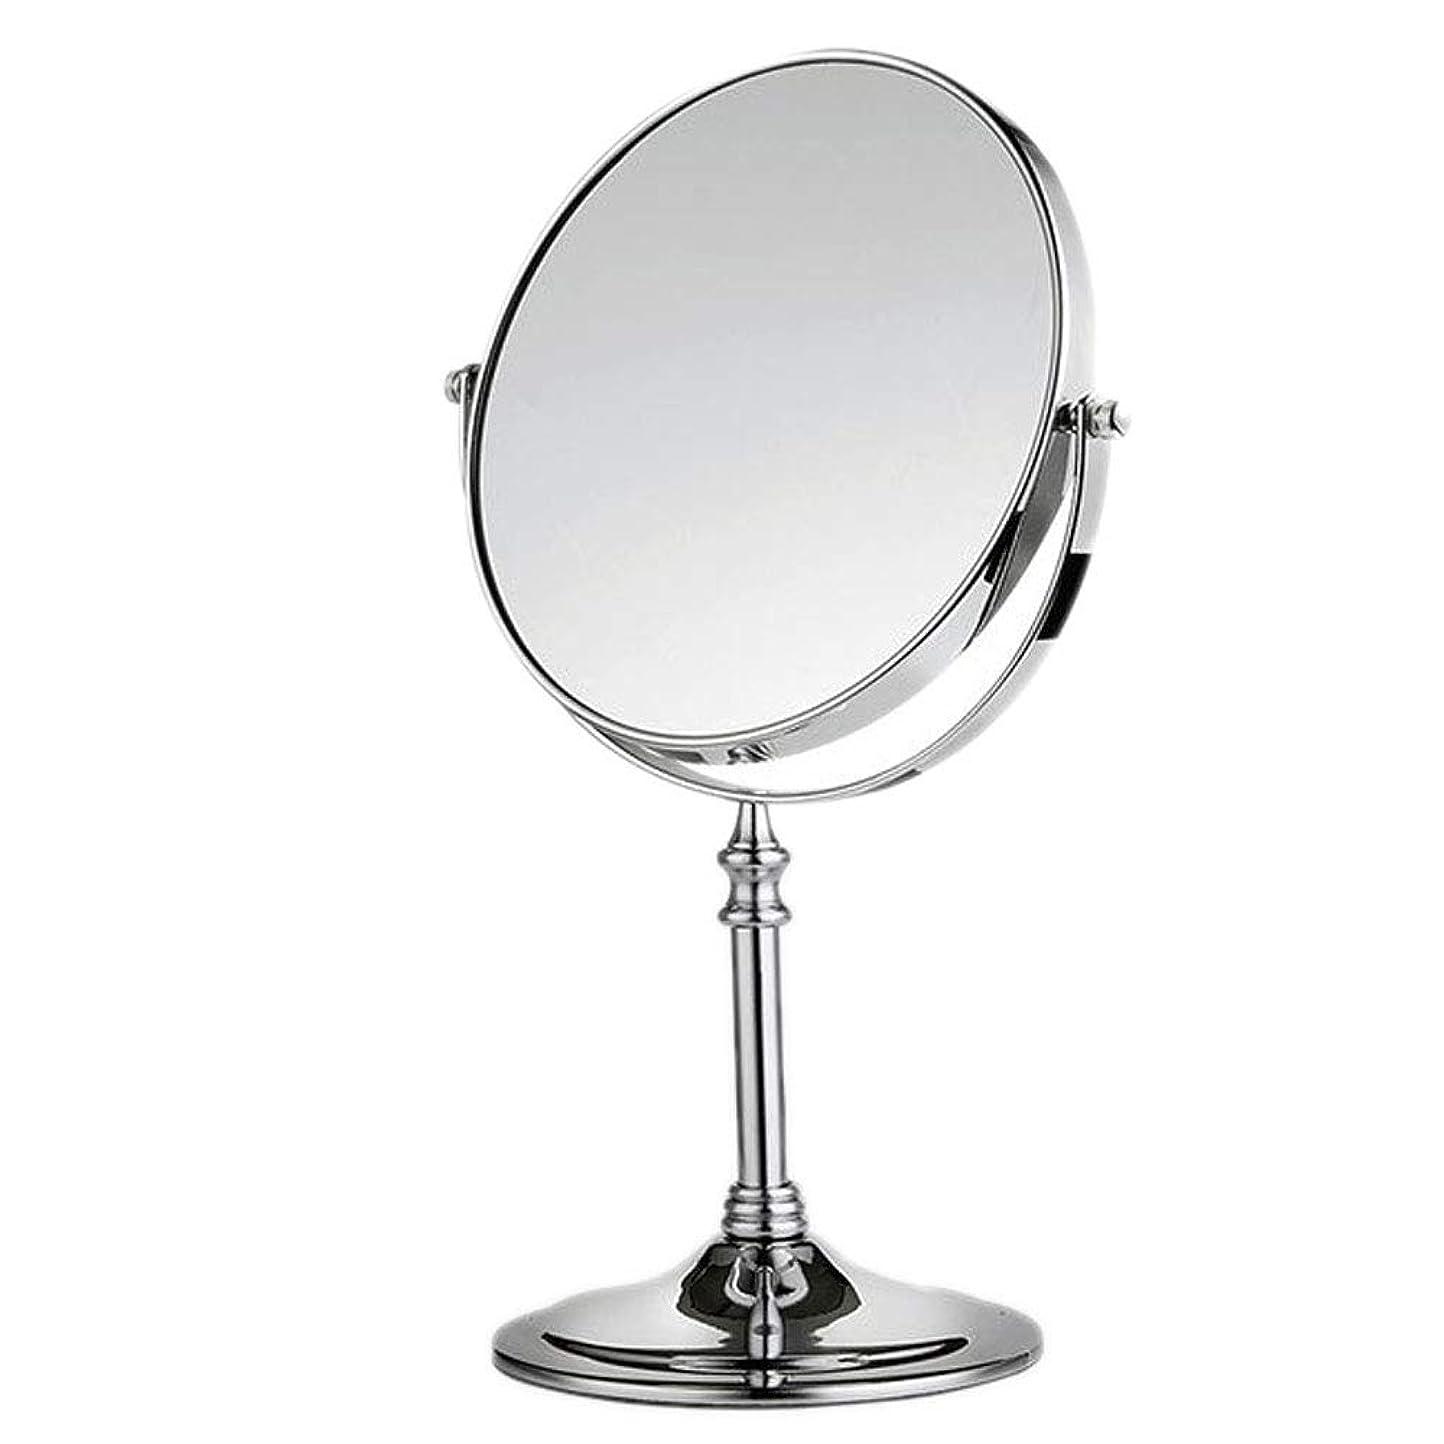 叫ぶ隣接する予想外[RADISSY] 両面鏡 3倍 拡大 ミラー 角度 調節 可能 メイク 化粧 道具 底面 防滑加工 (6インチ, シルバー)